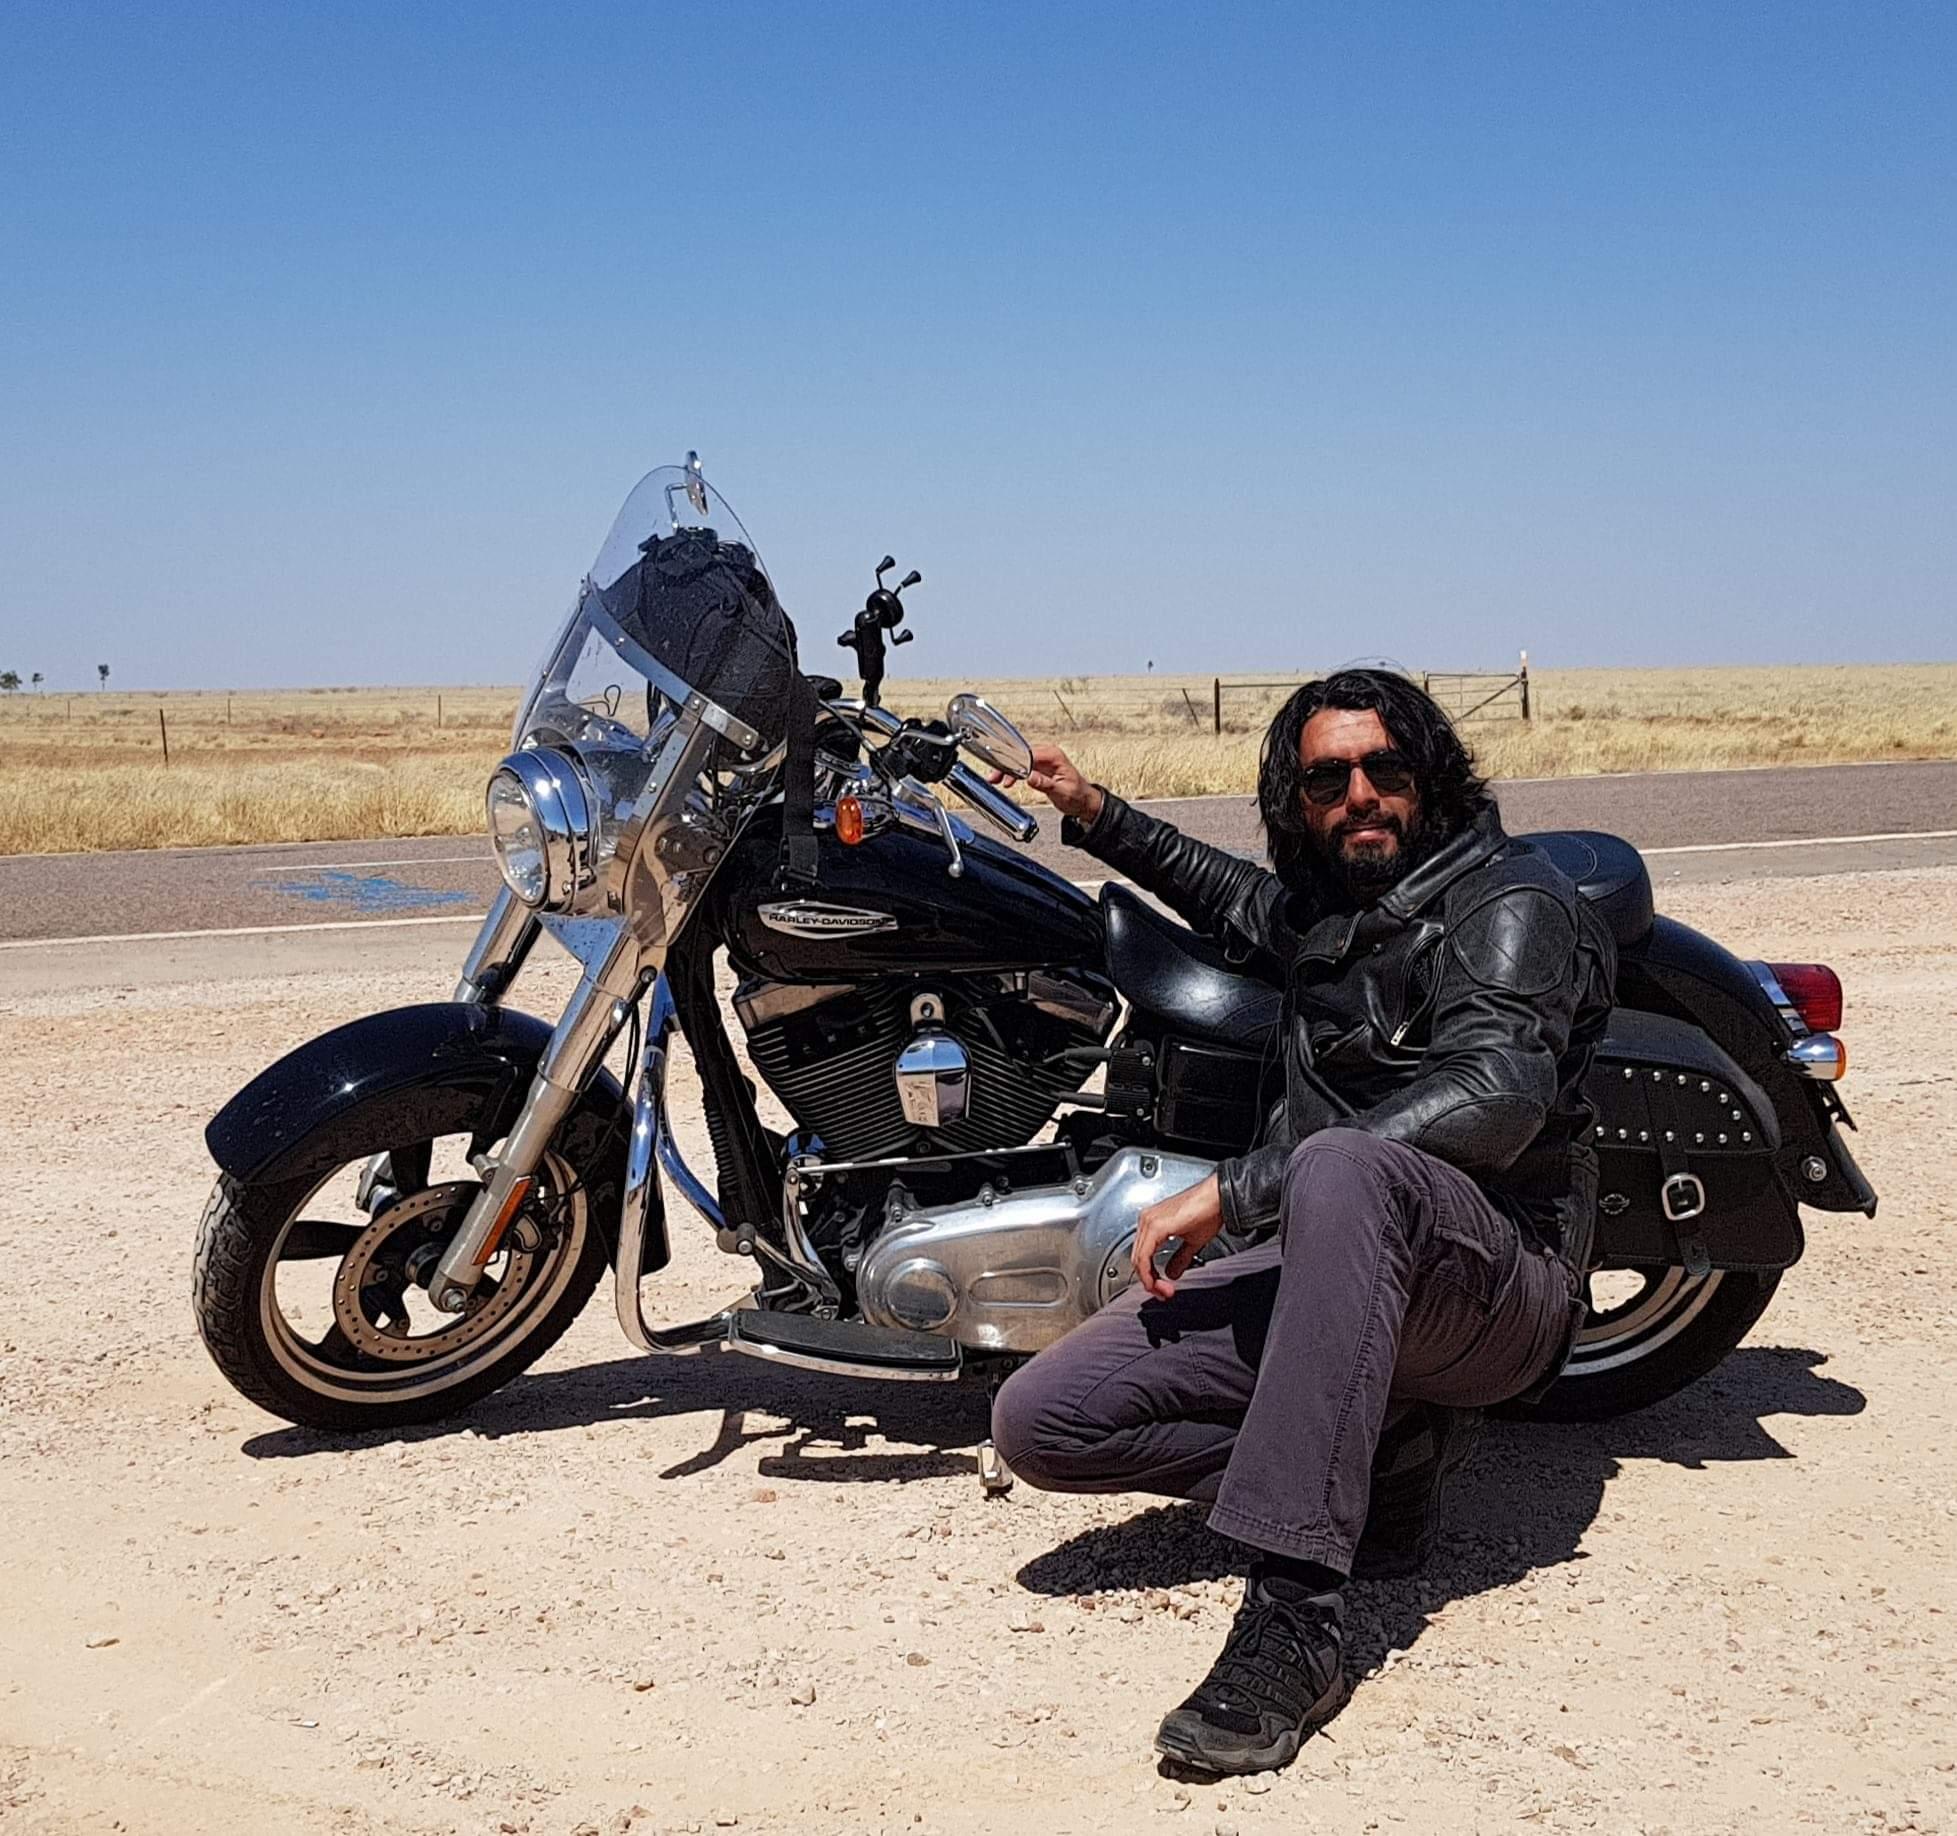 Somewhere in central desert